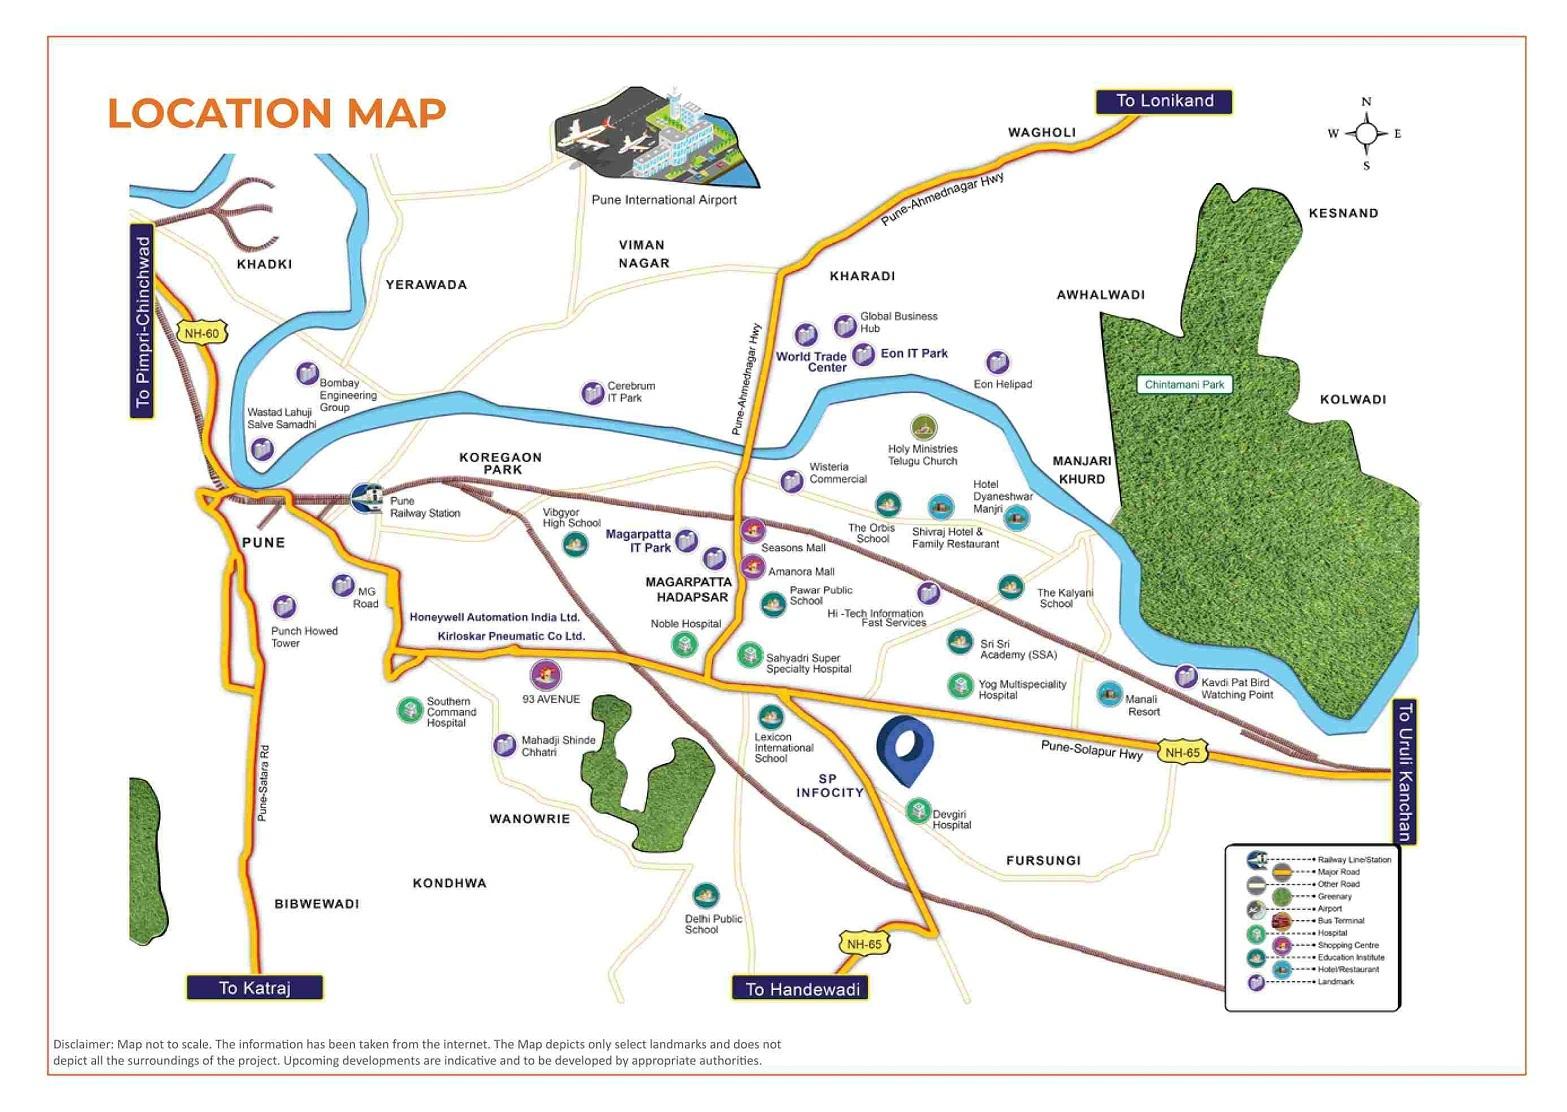 shapoorji pallonji joyville hadapsar annexe  project location image2